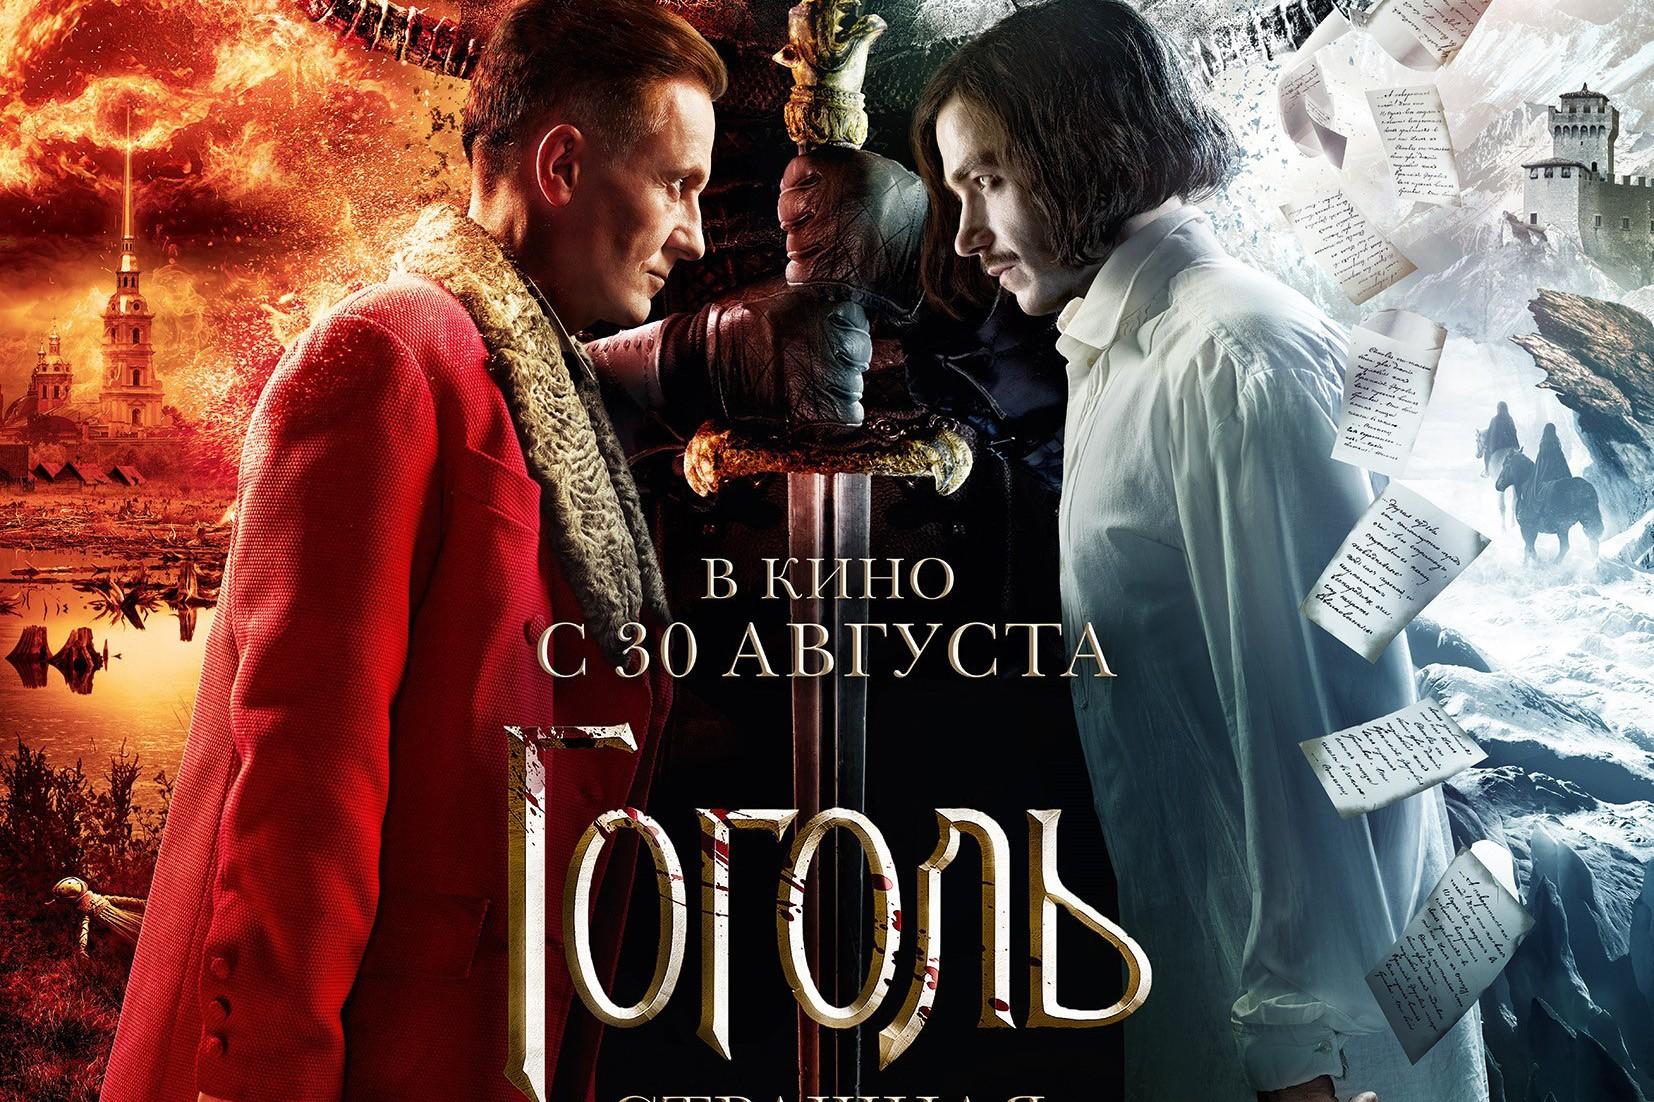 Успех или провал: зрители разошлись во мнениях о третьей части «Гоголя»